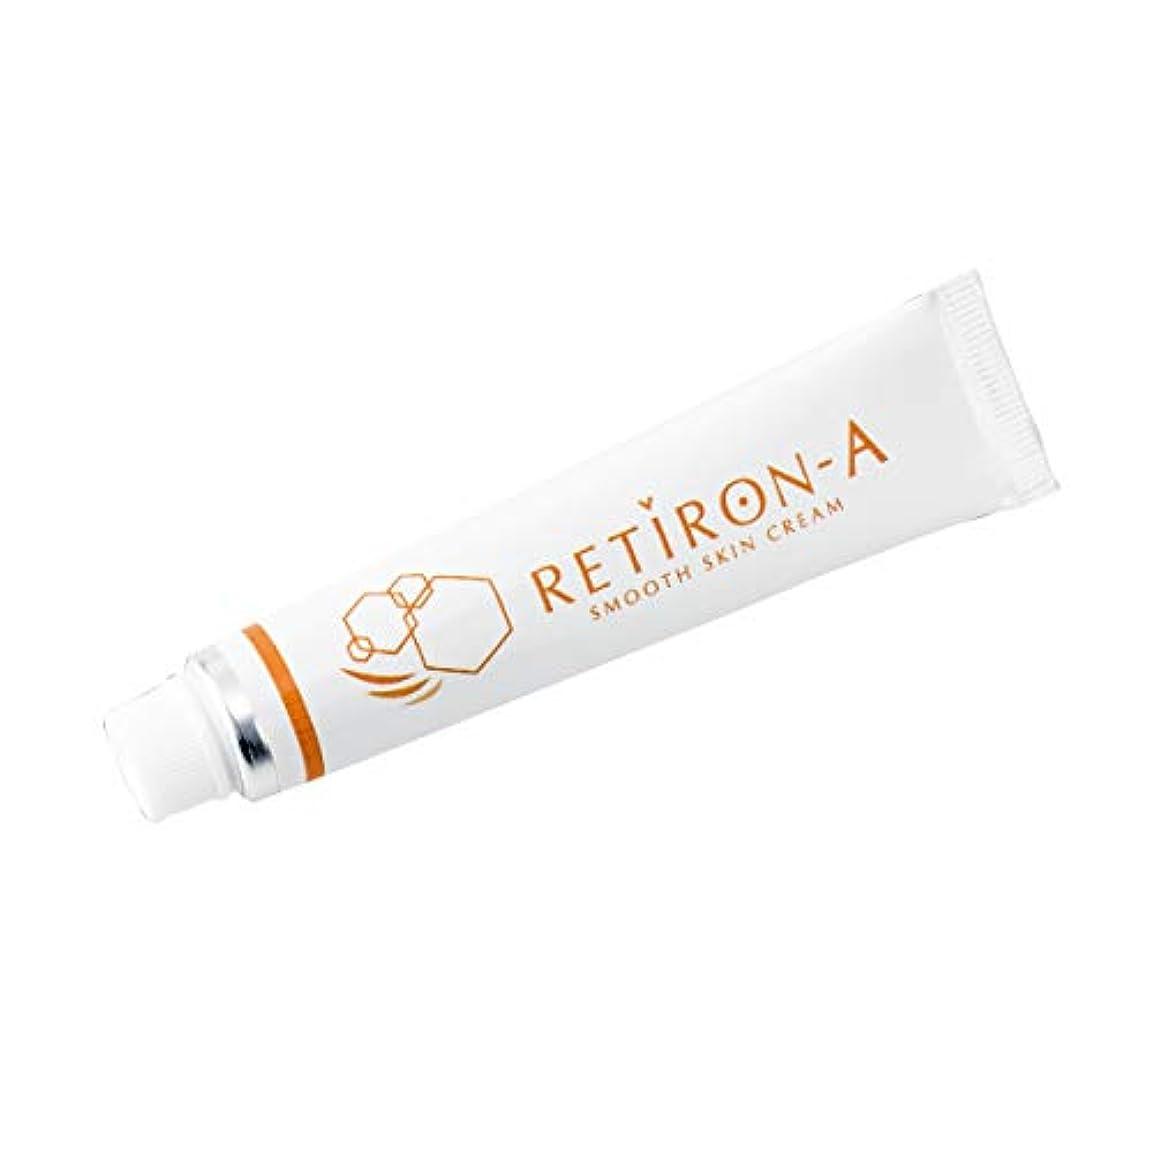 移植位置づける野なクリーム 化粧品 レチノール配合 レチロンA パラベンフリー